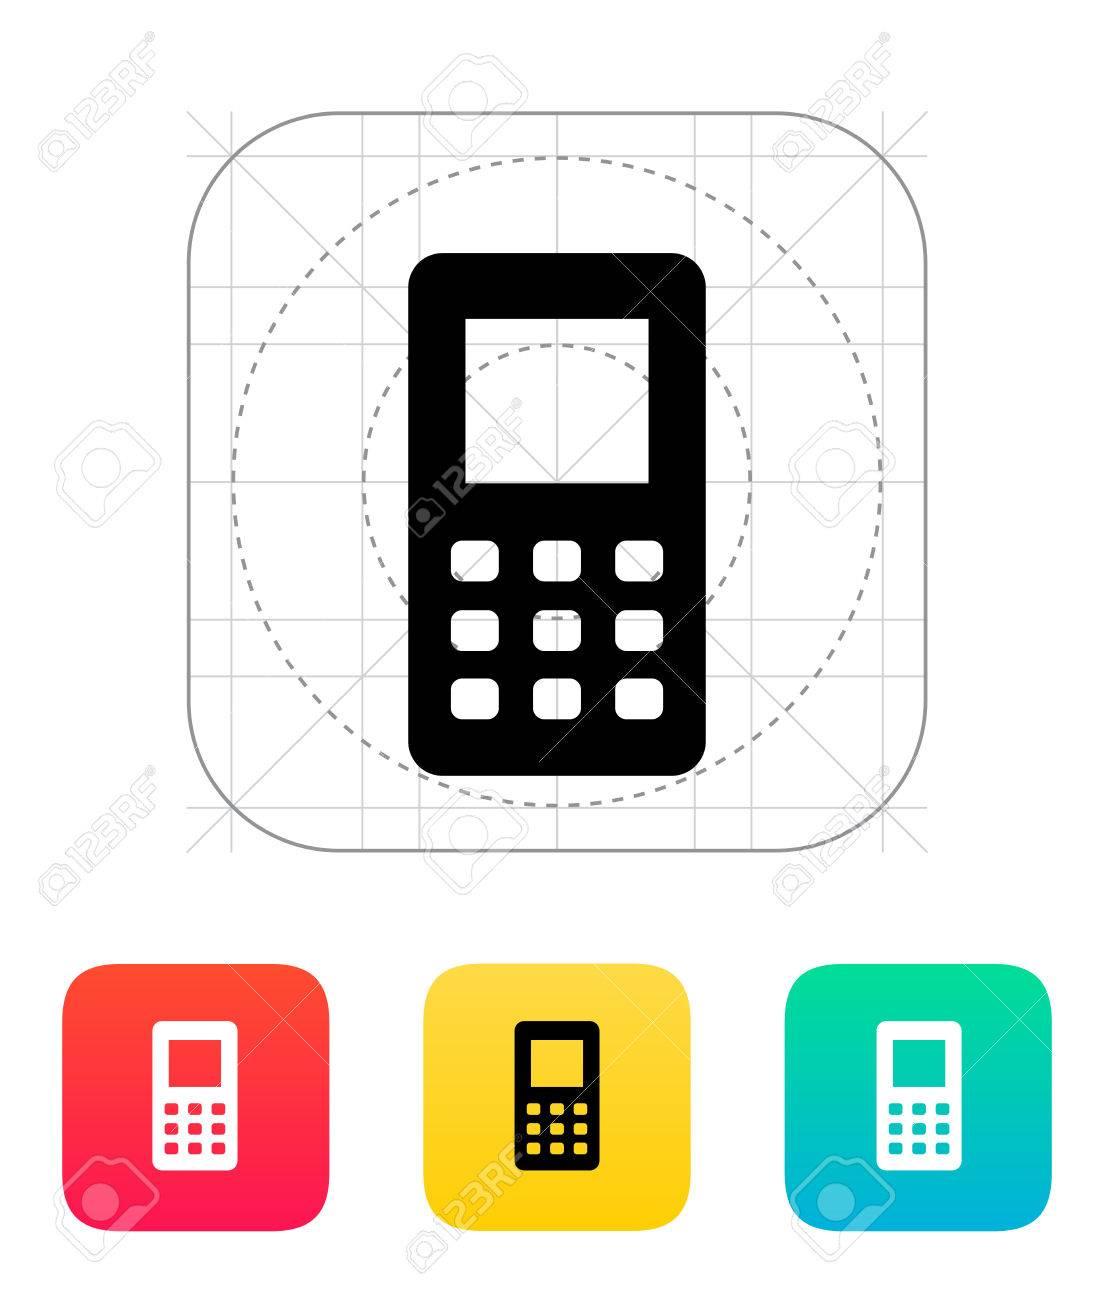 携帯電話画面のアイコンのイラスト。 ロイヤリティフリークリップアート